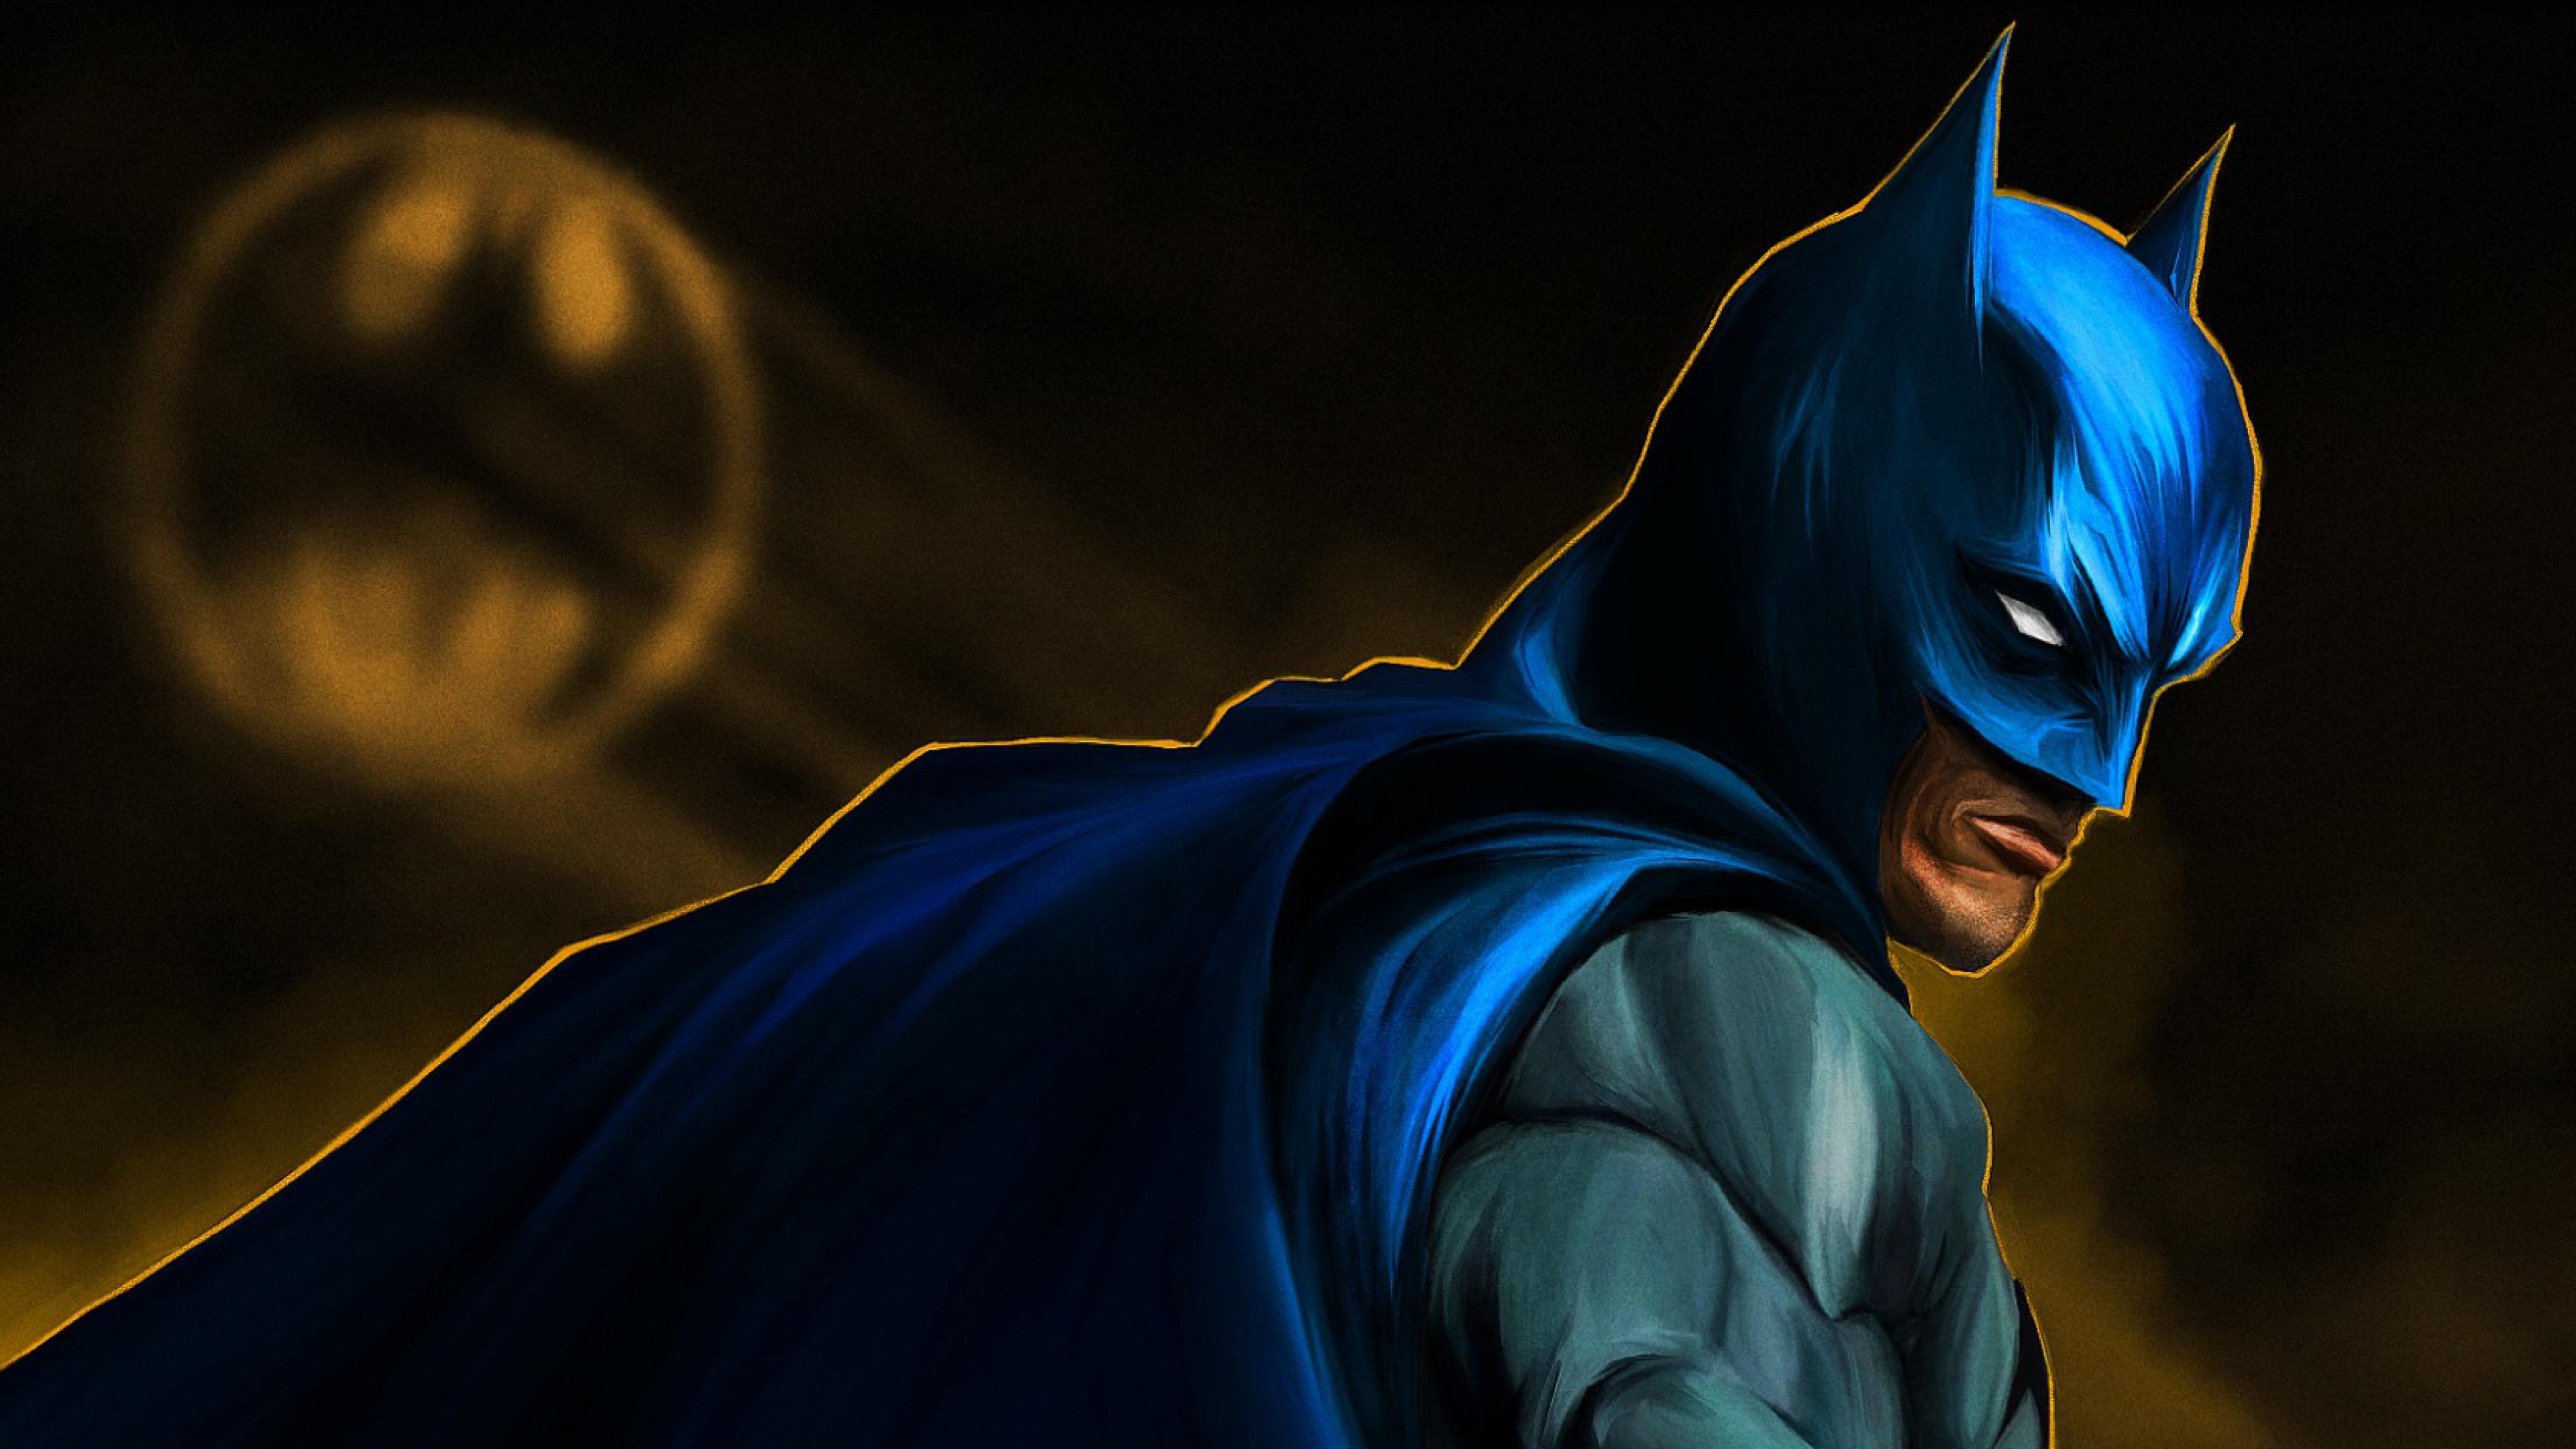 batman arkham city wallpaper hd download